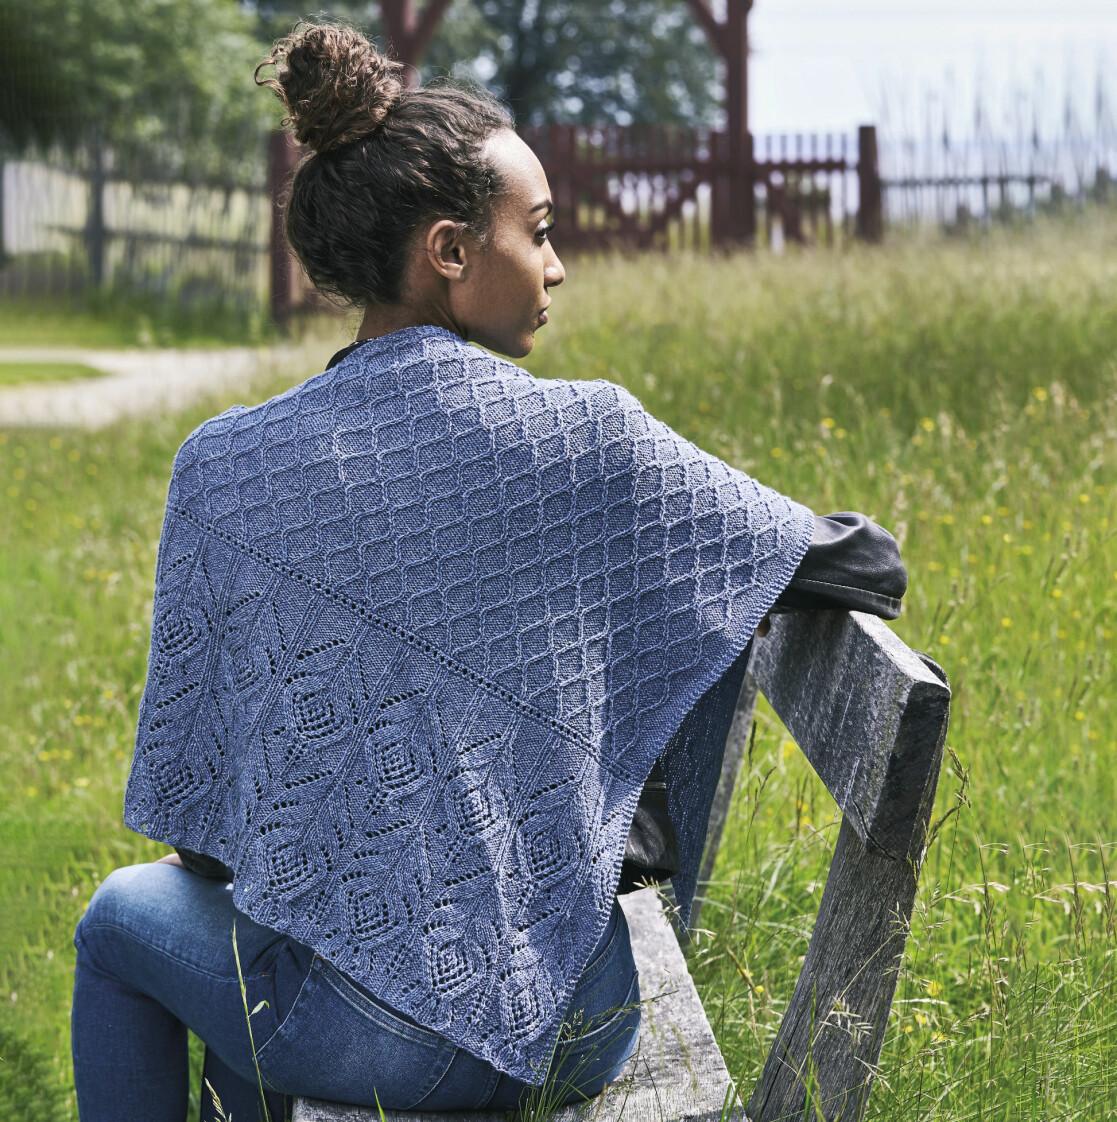 Kvinna sitter på en bänk iklädd en stickad sjal med fint mönster och vacker lila färg.